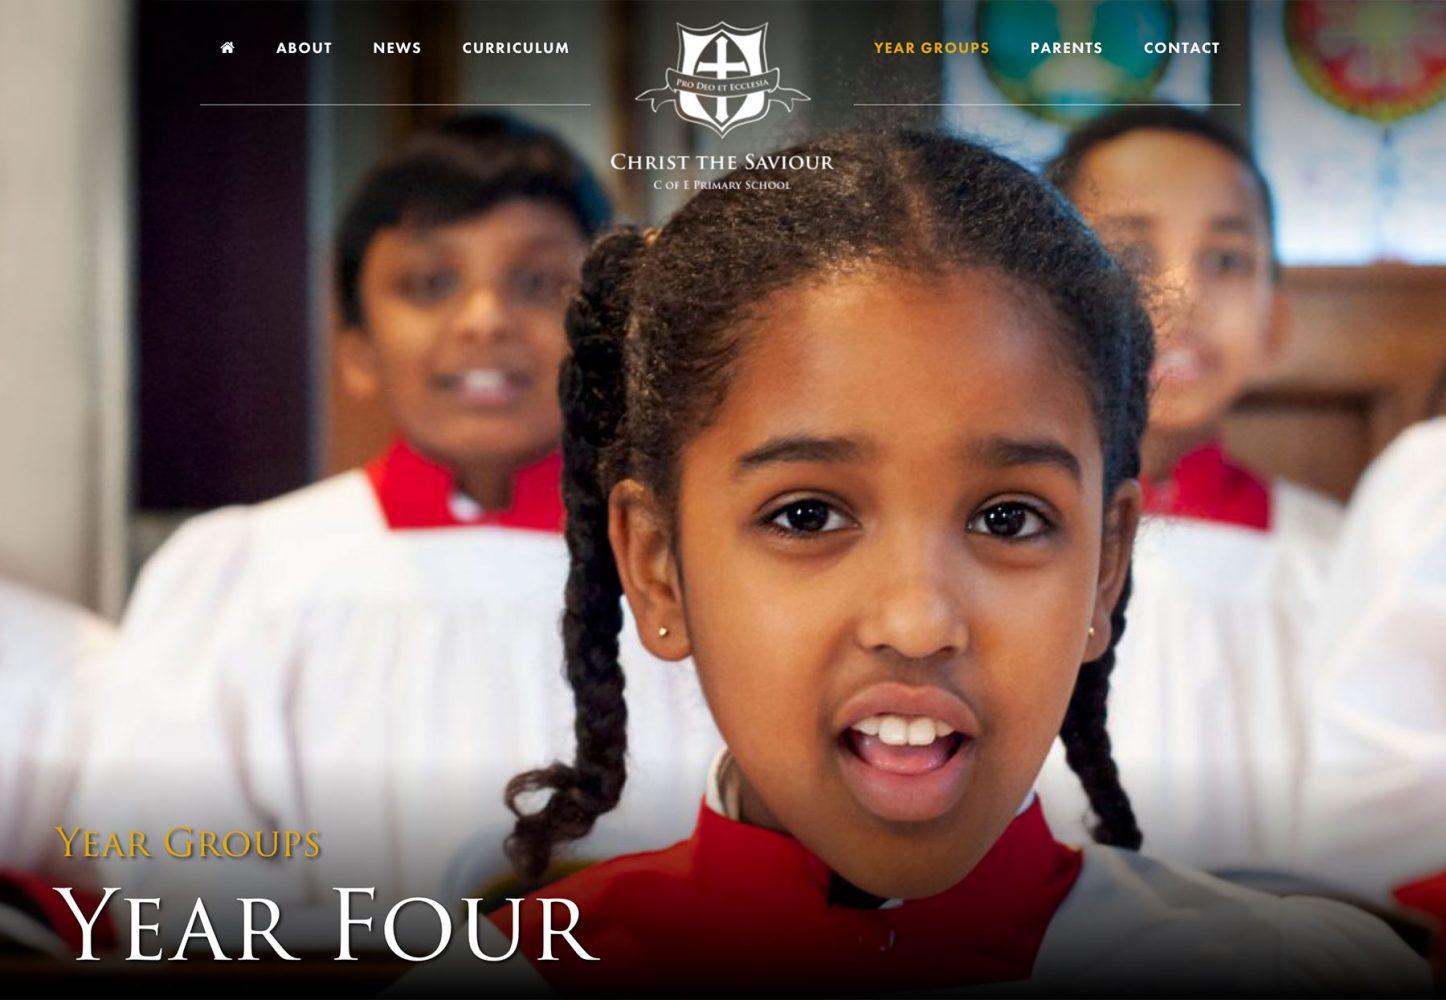 Screenshot of primary school website